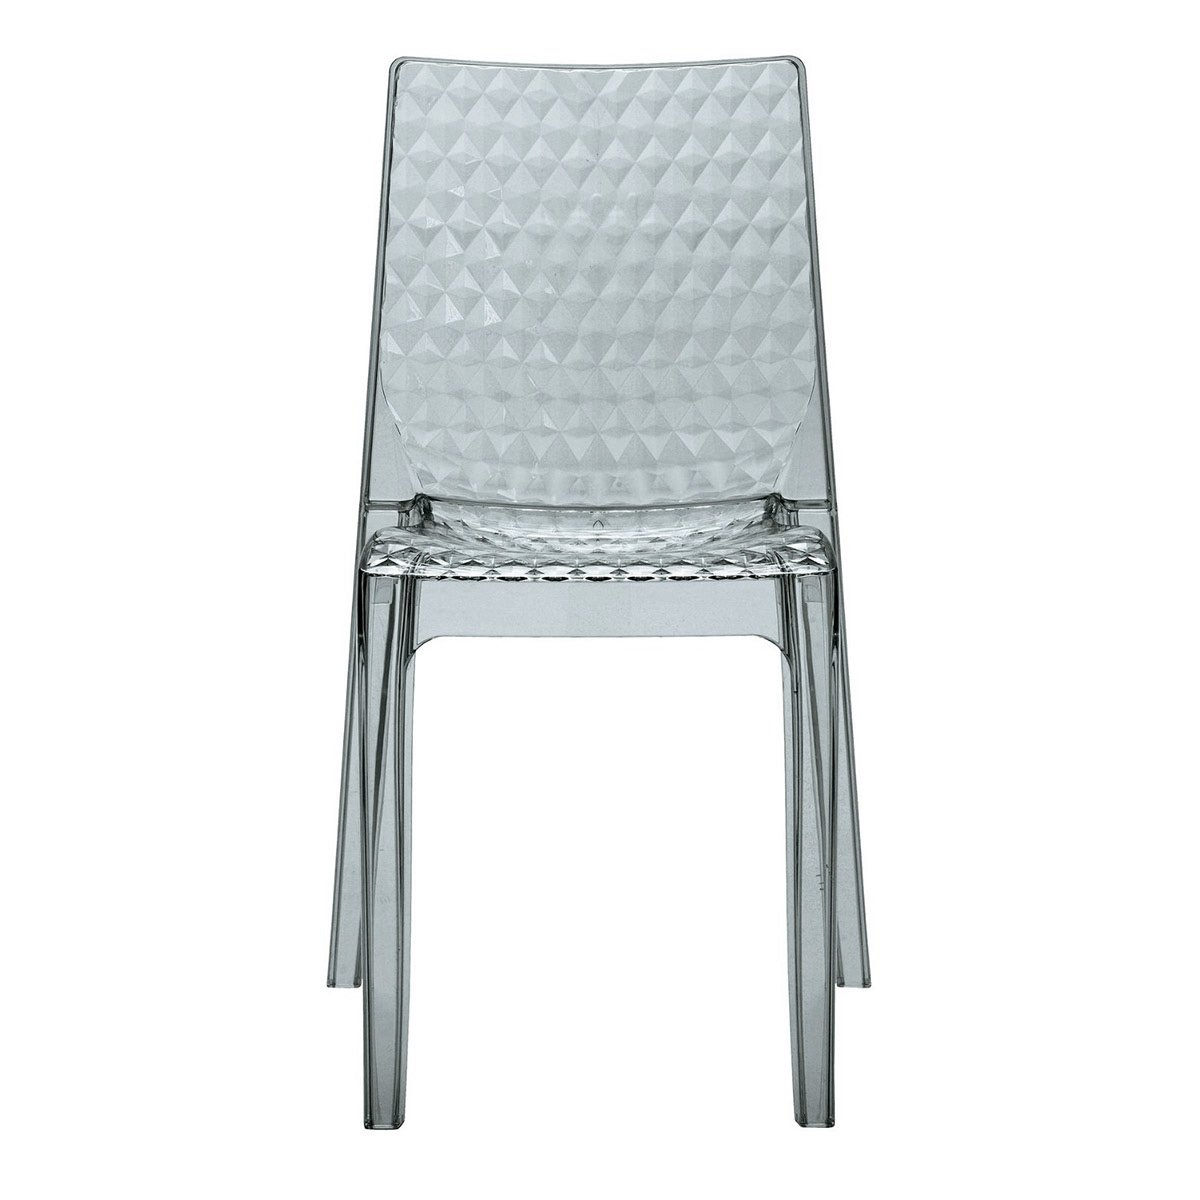 GRAND SOLEIL Grandsoleil upon Hypnotic trasparente sedia impilabile, in policarbonato, fumé grigio chiaro, 54x 50x 84cm Grandsoleil_S6319TRYL